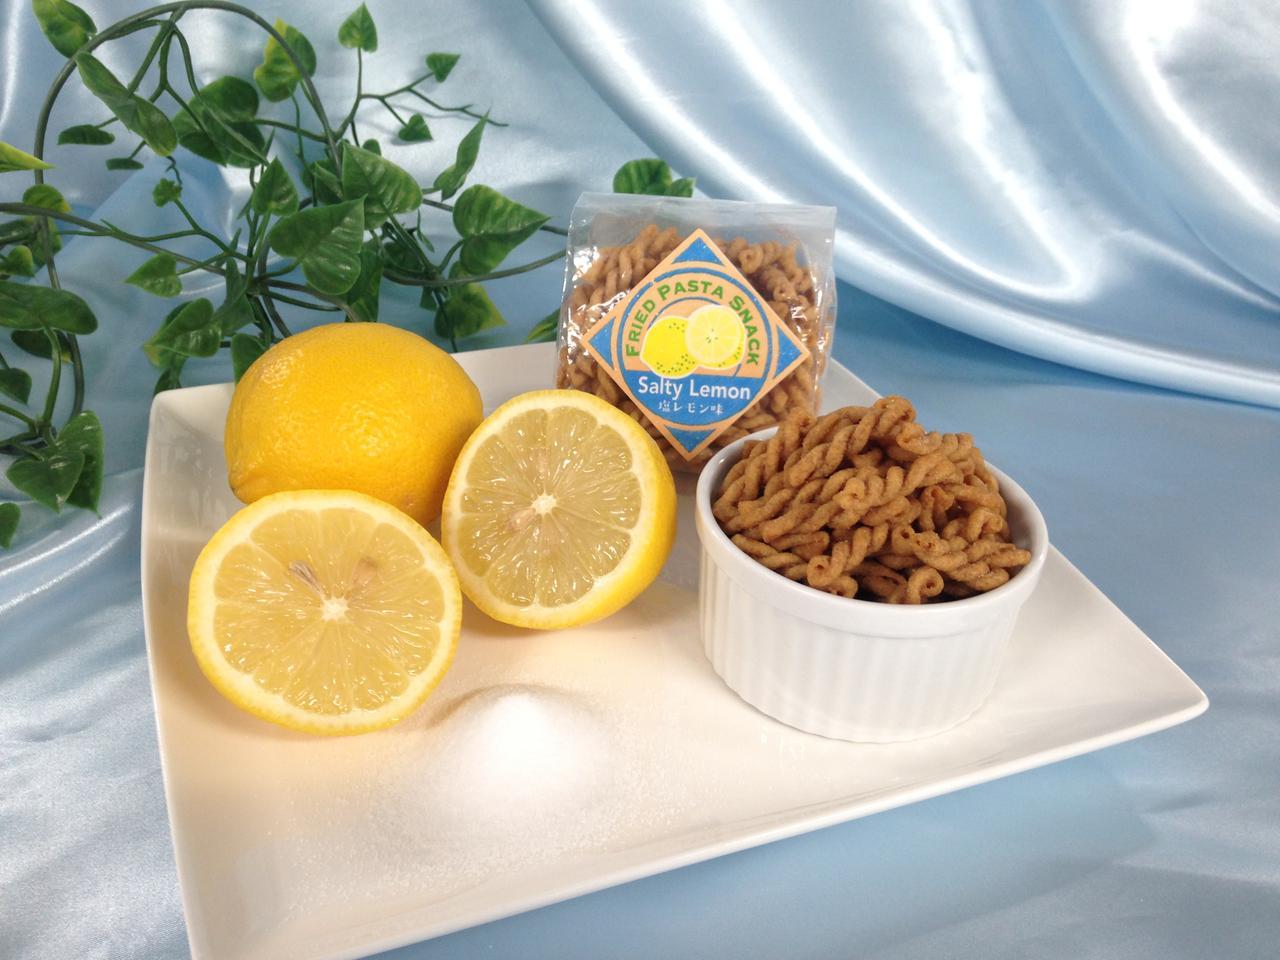 画像: SNSで話題のフライドパスタスナック夏季限定「塩レモン味」